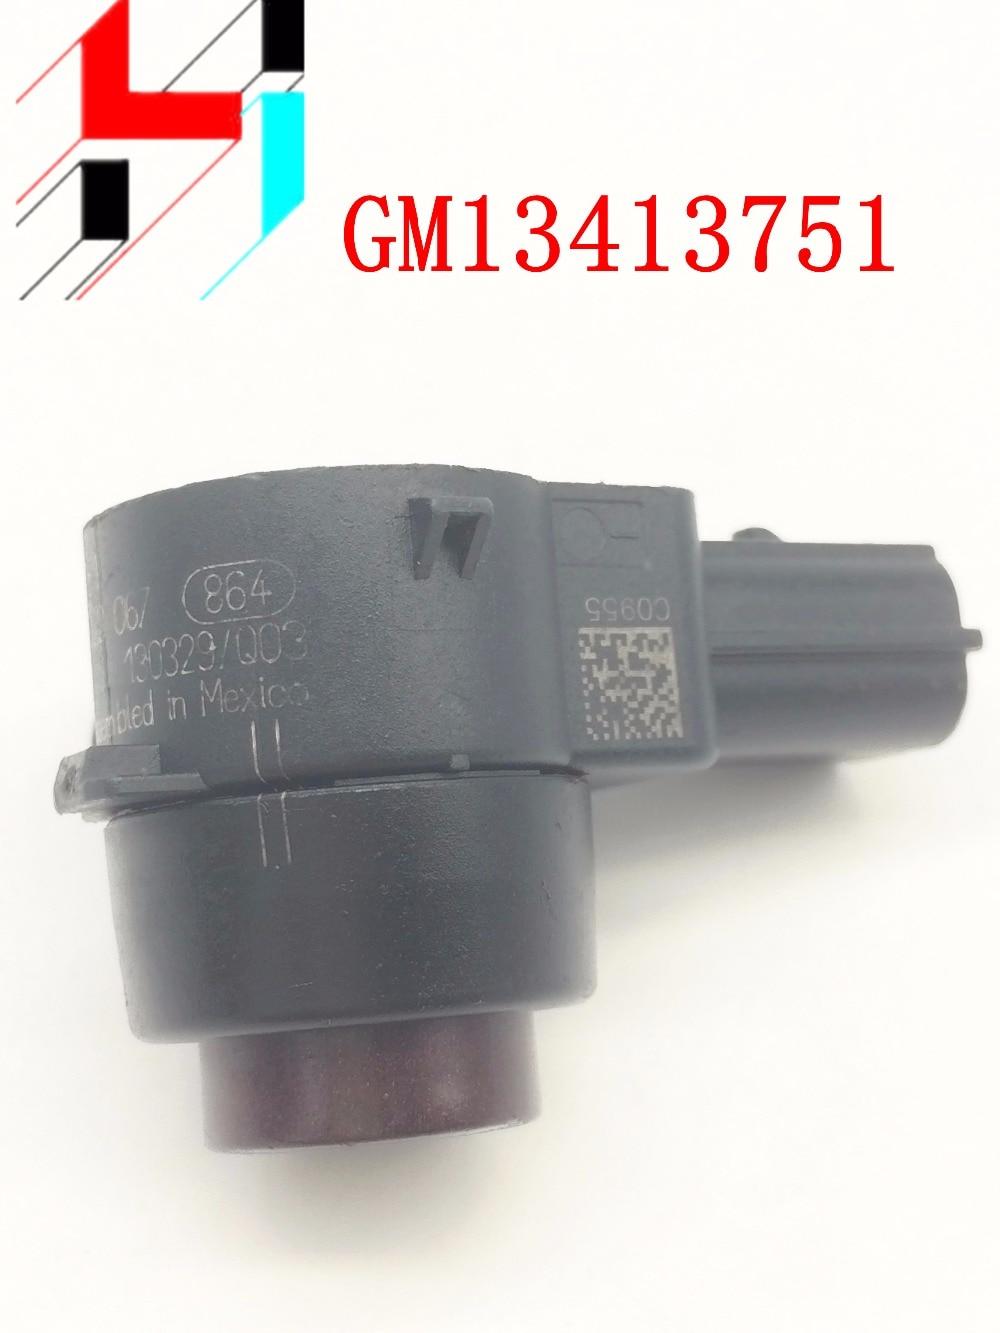 13413751 оригинальный паркинг PDC ультразвуковой SensorOE #0263023067